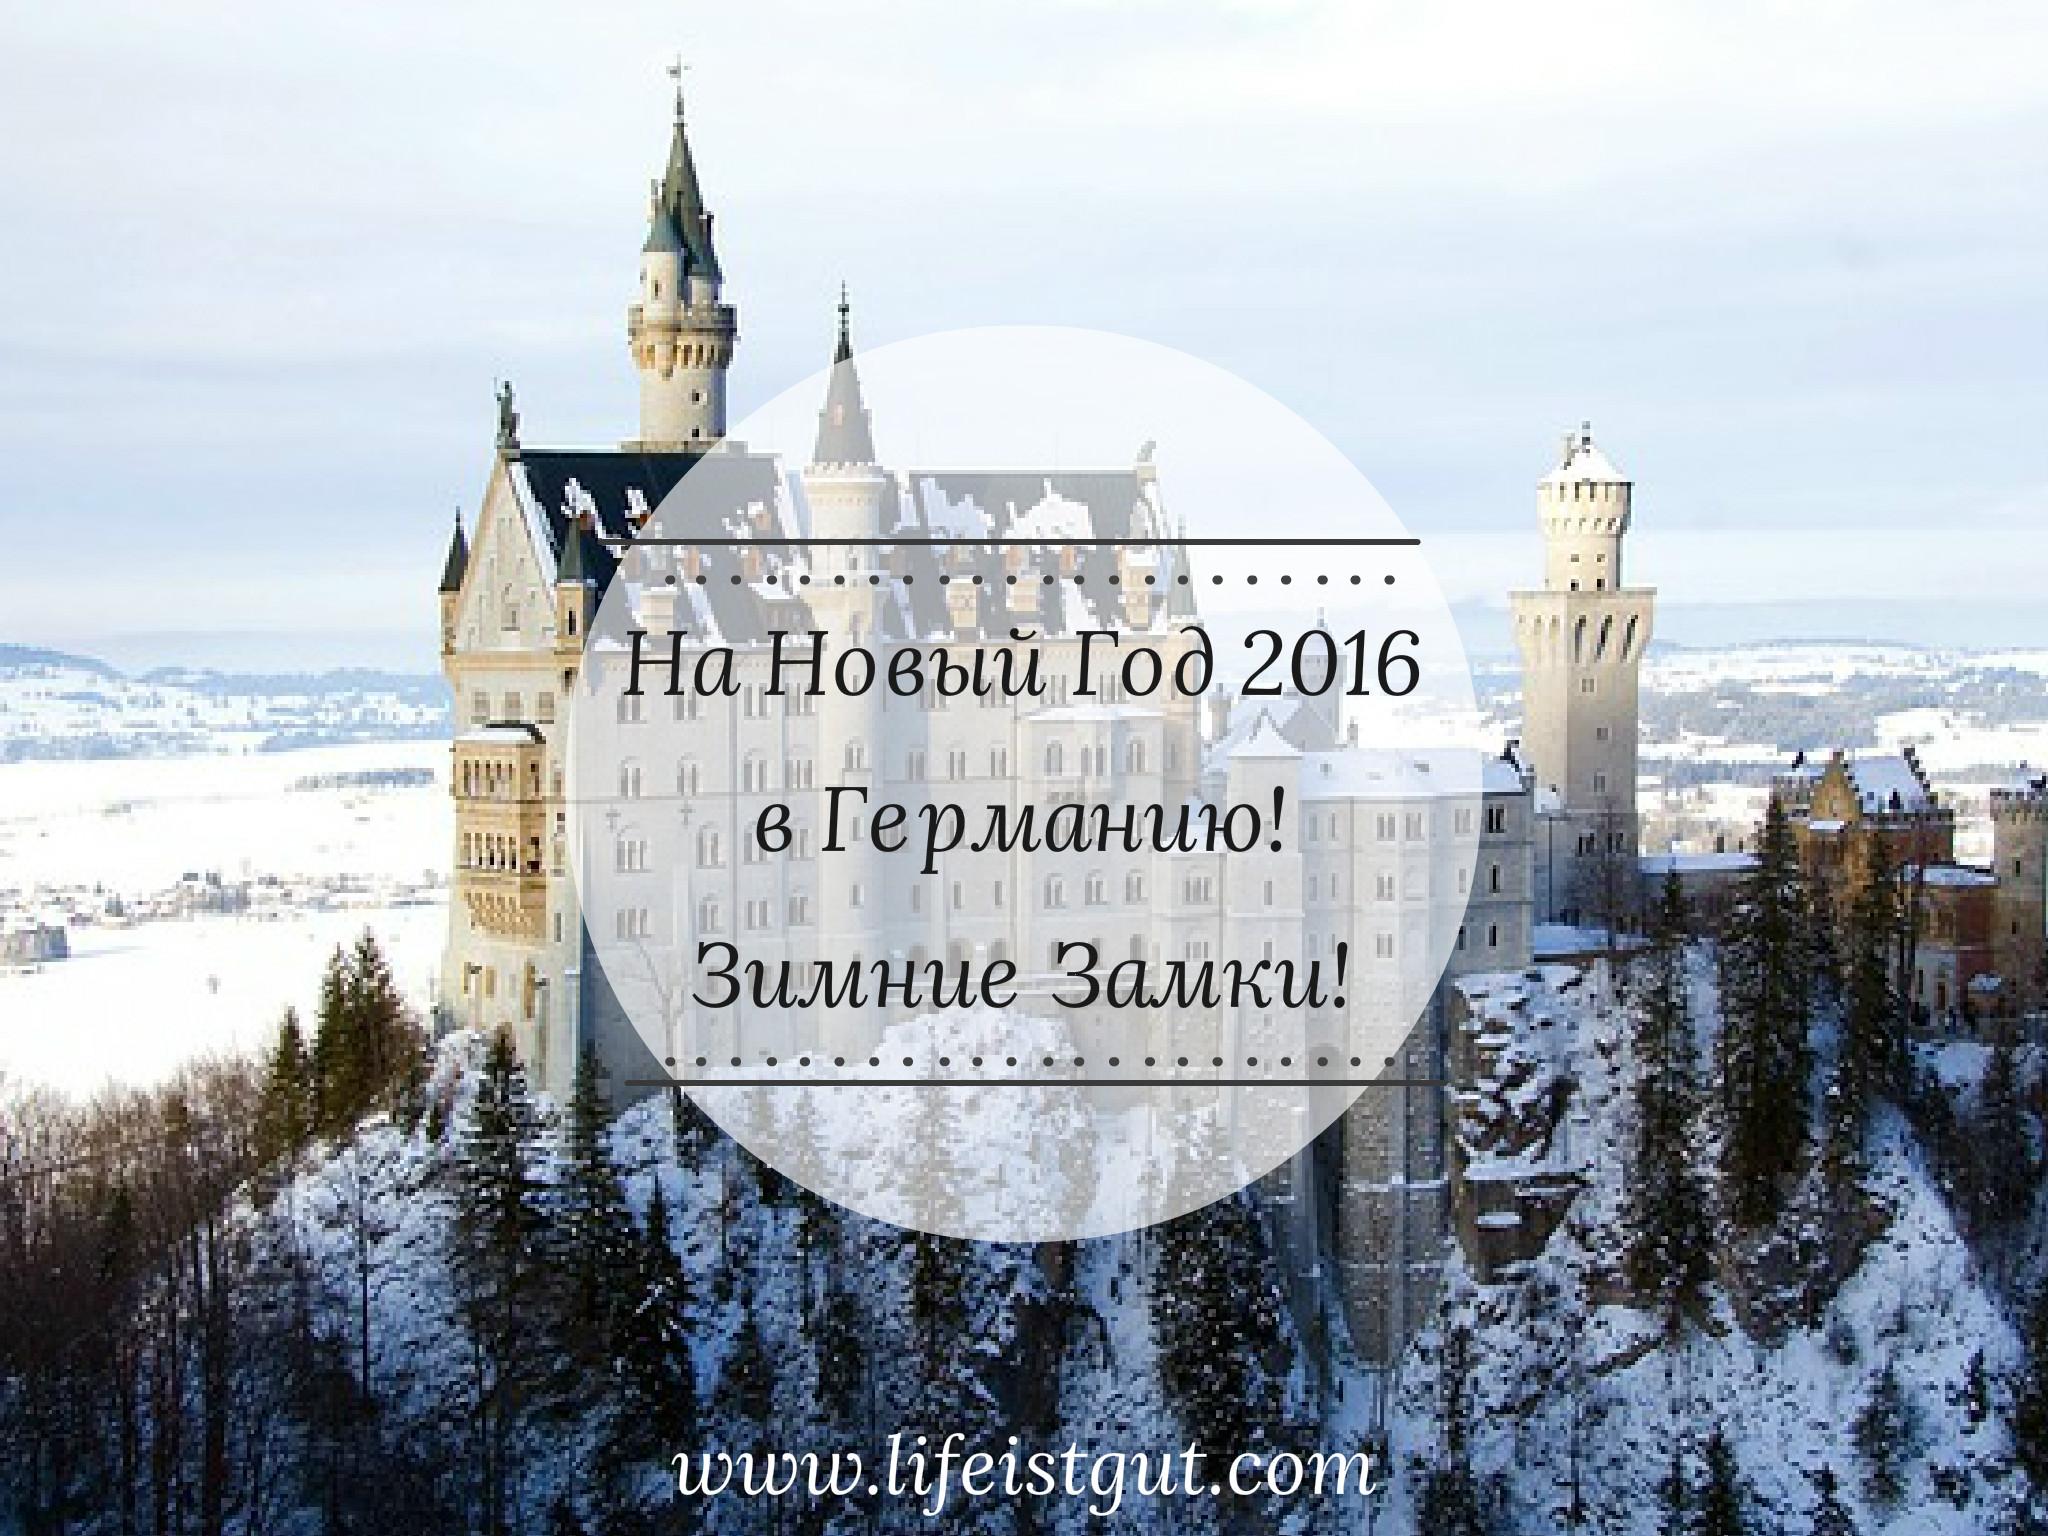 novij god 2016 v germanii На Новый год 2016 в Германию